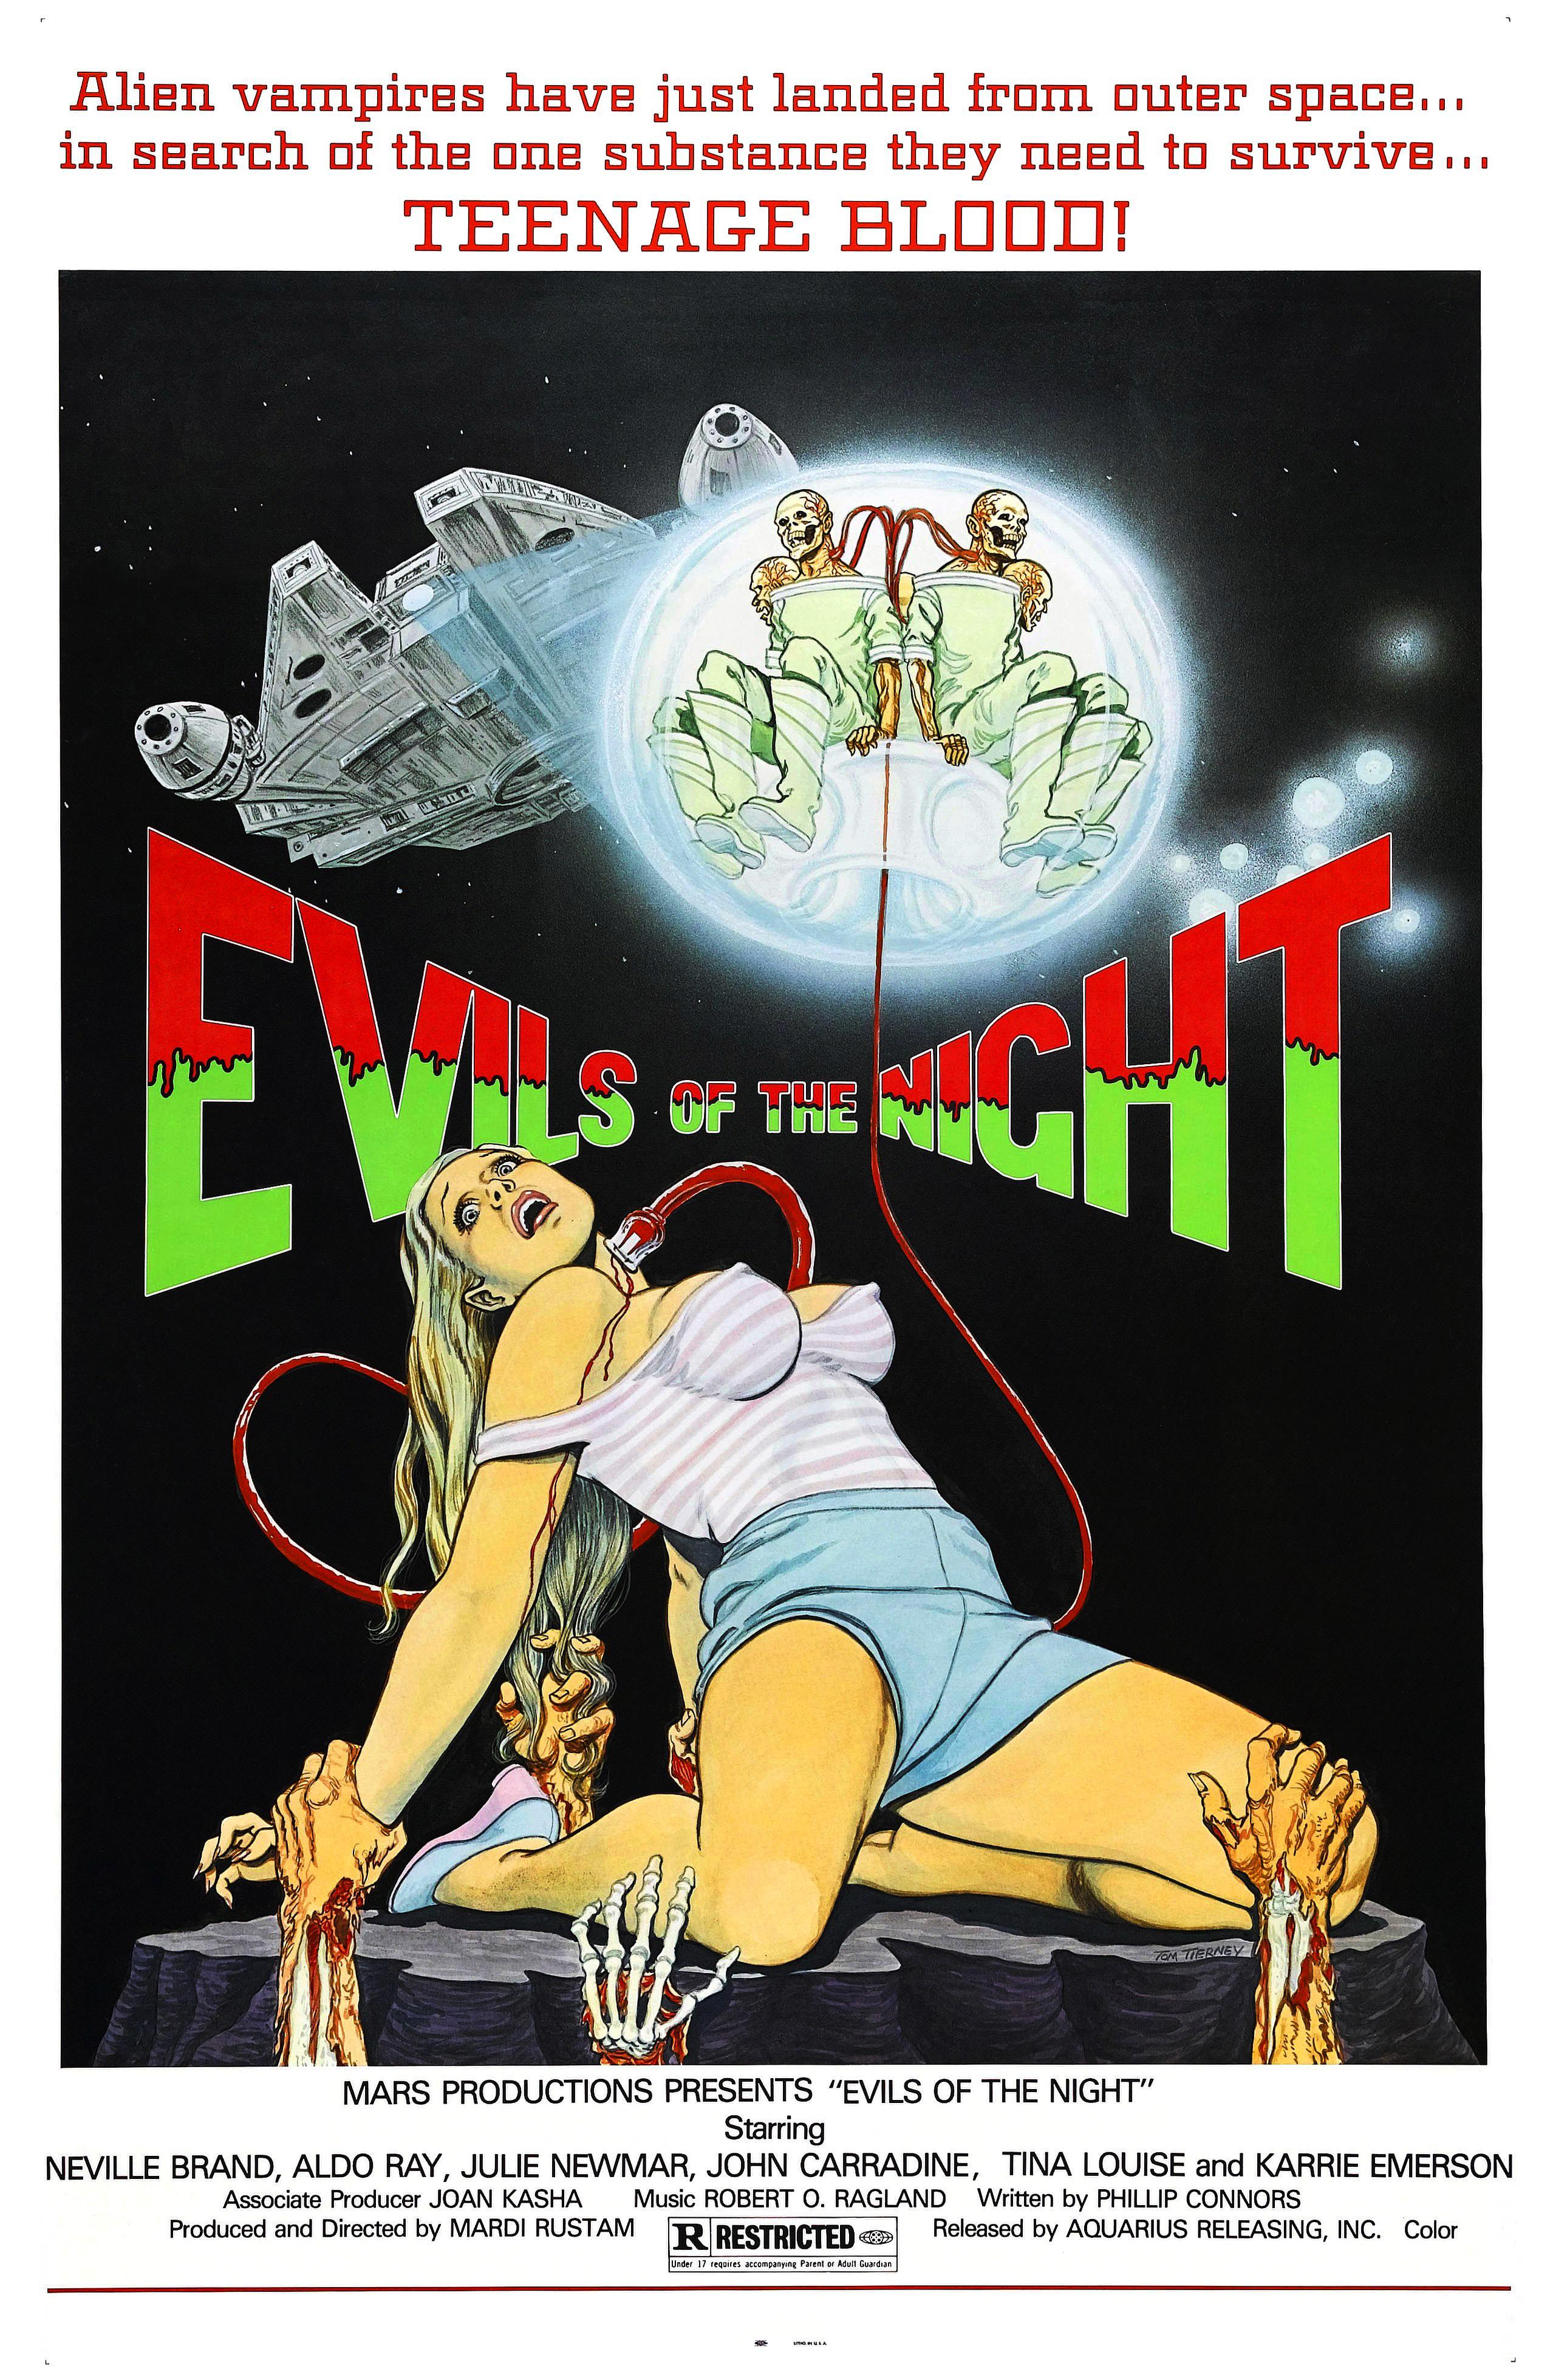 Evils of the Night (1985) - IMDb